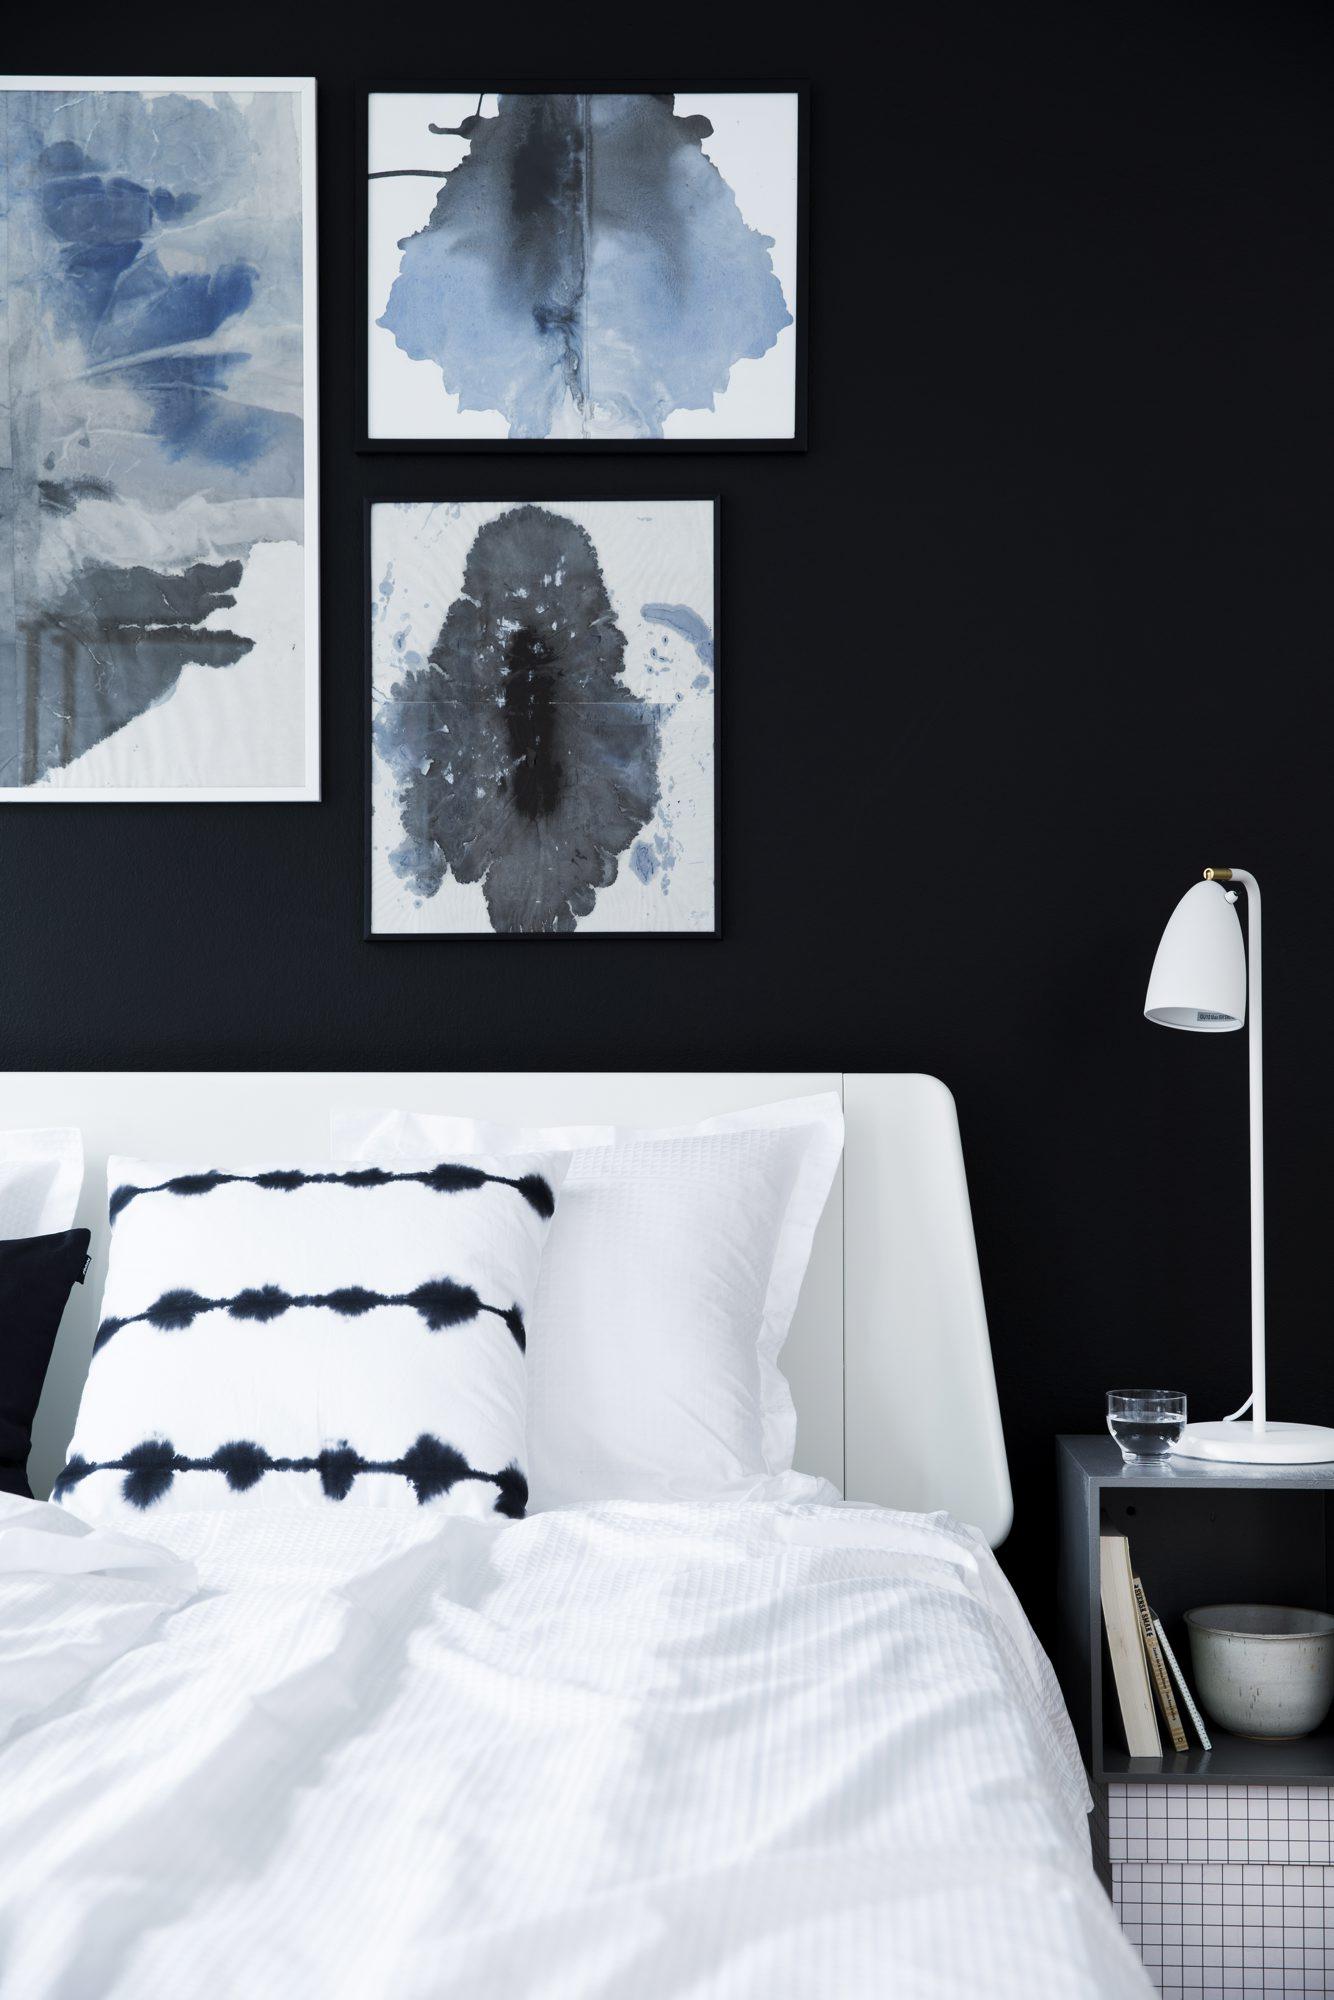 Lag din egen kunst ved Mette Helena Rasmussen svar vegg grå vegg svart-hvitt soverom spisestue bokhylle